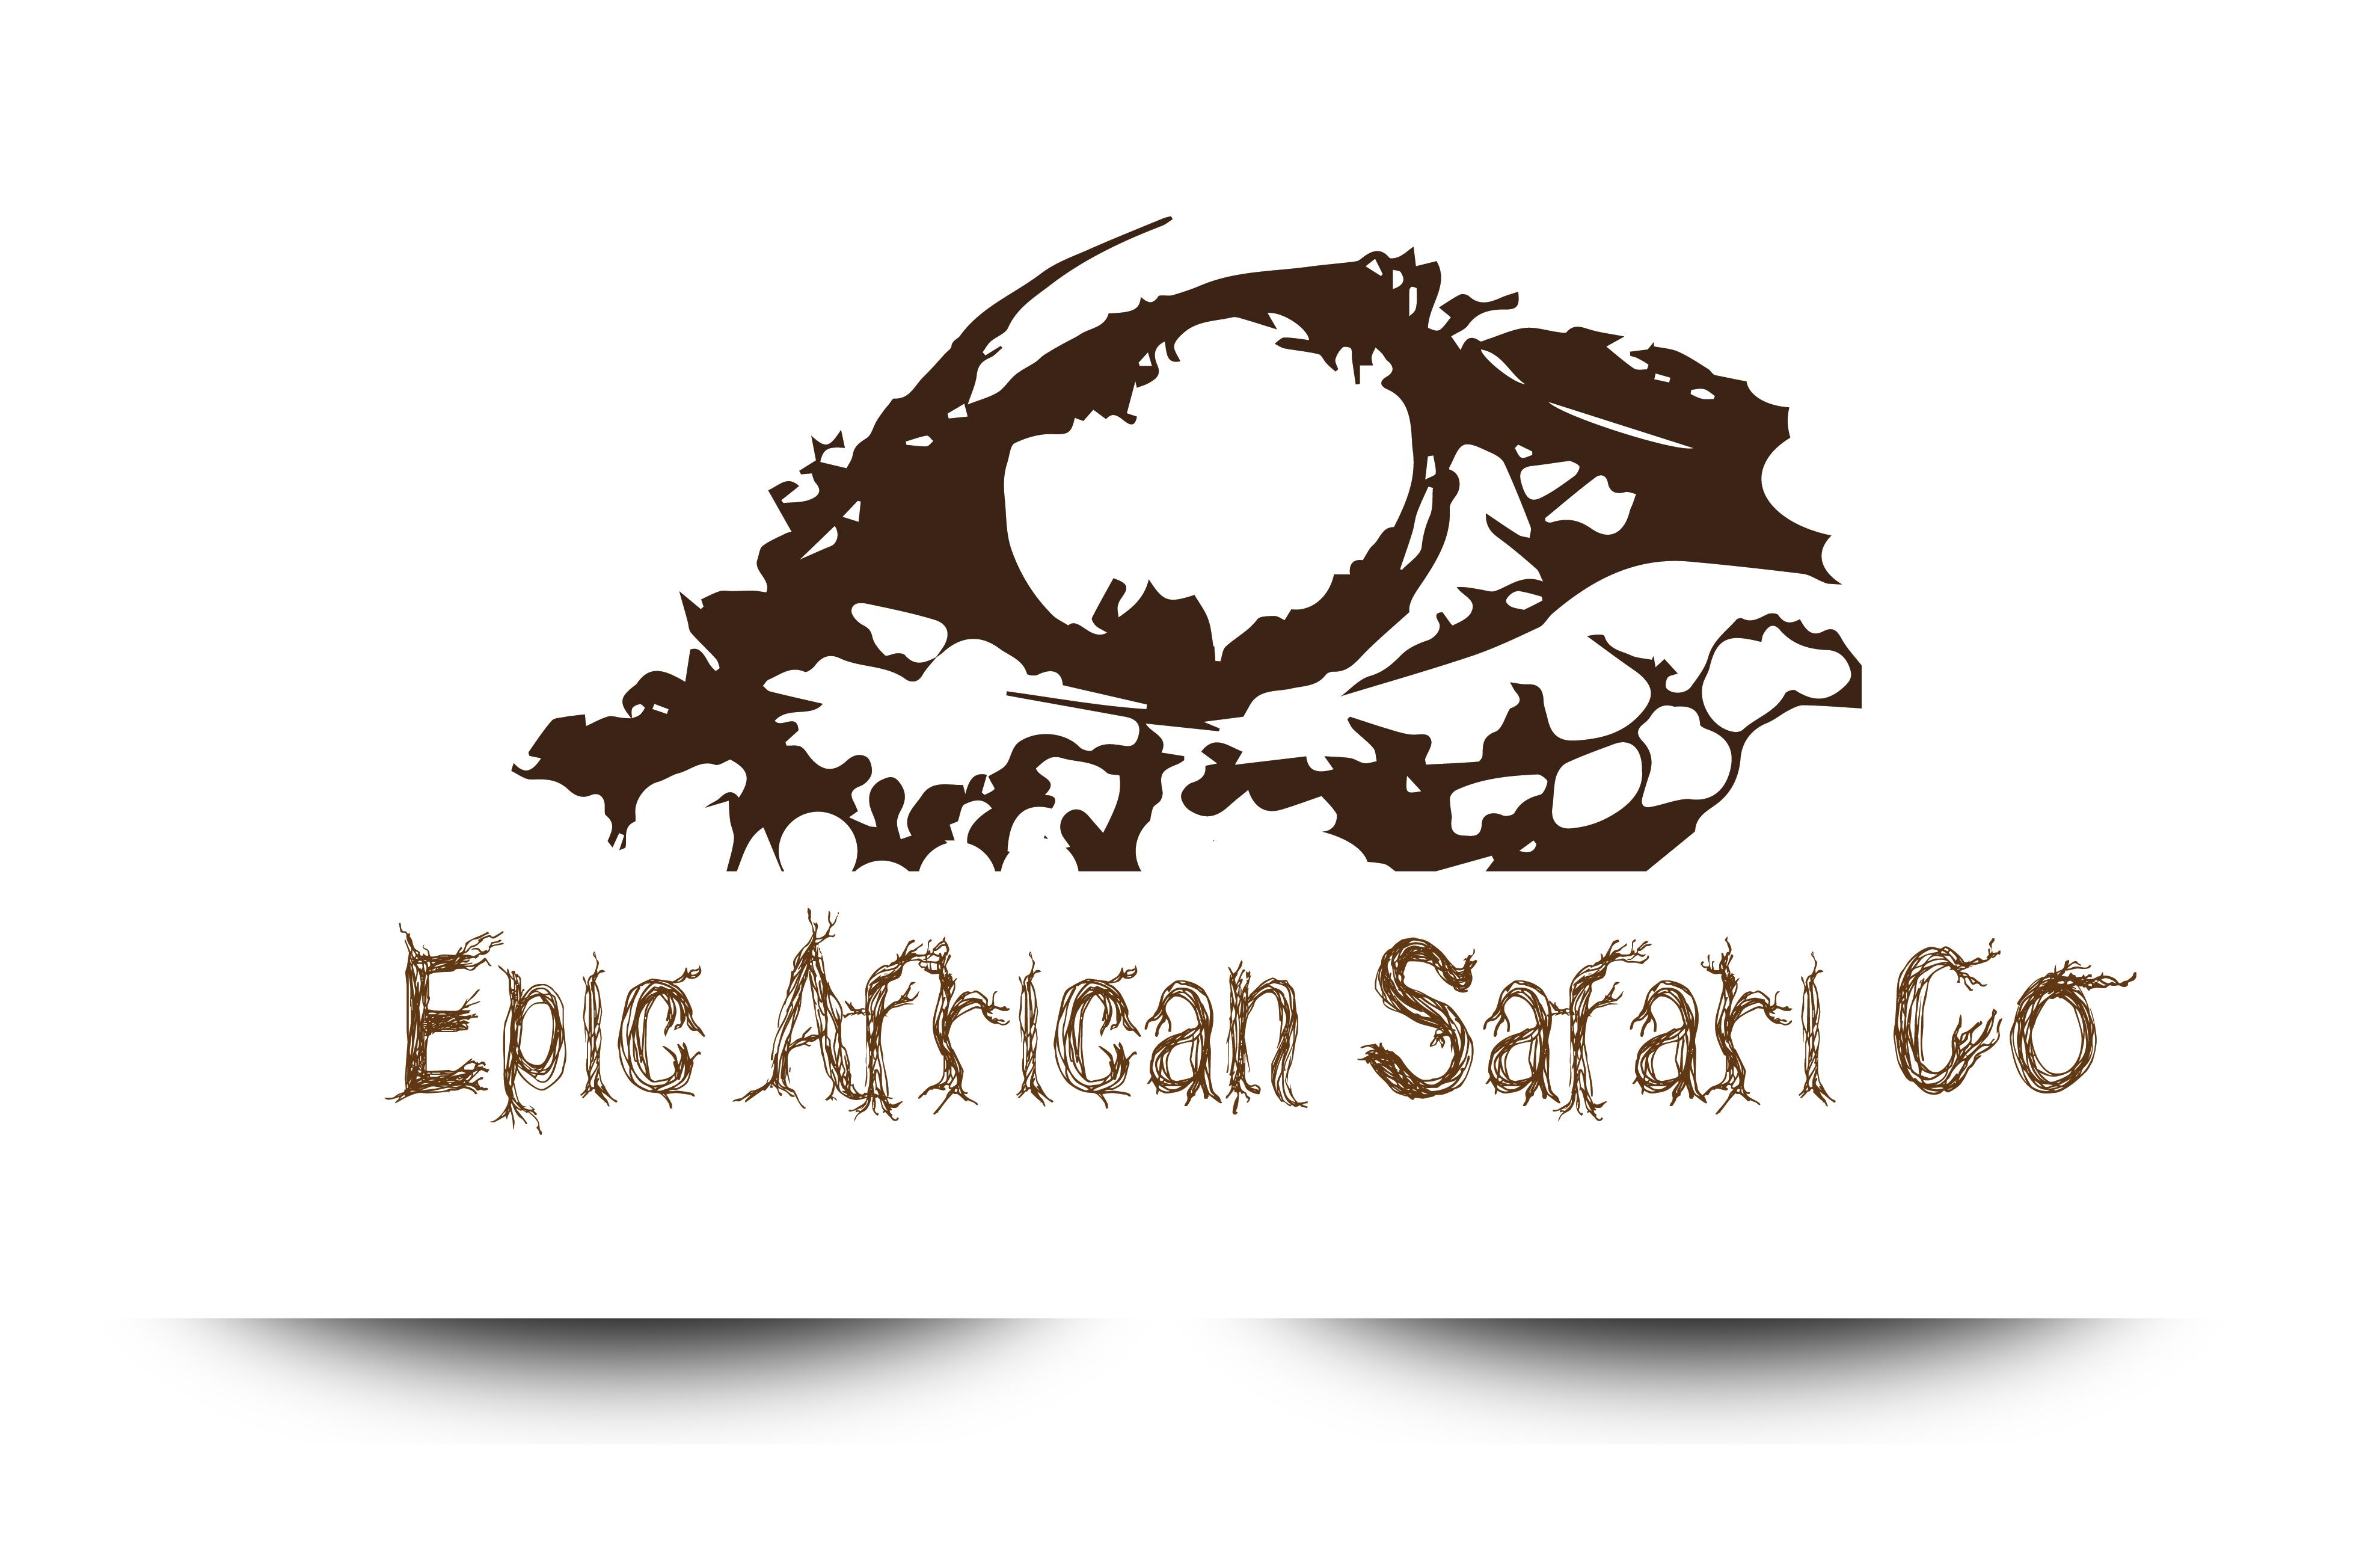 Logo Design by demang - Entry No. 71 in the Logo Design Contest Epic logo design.